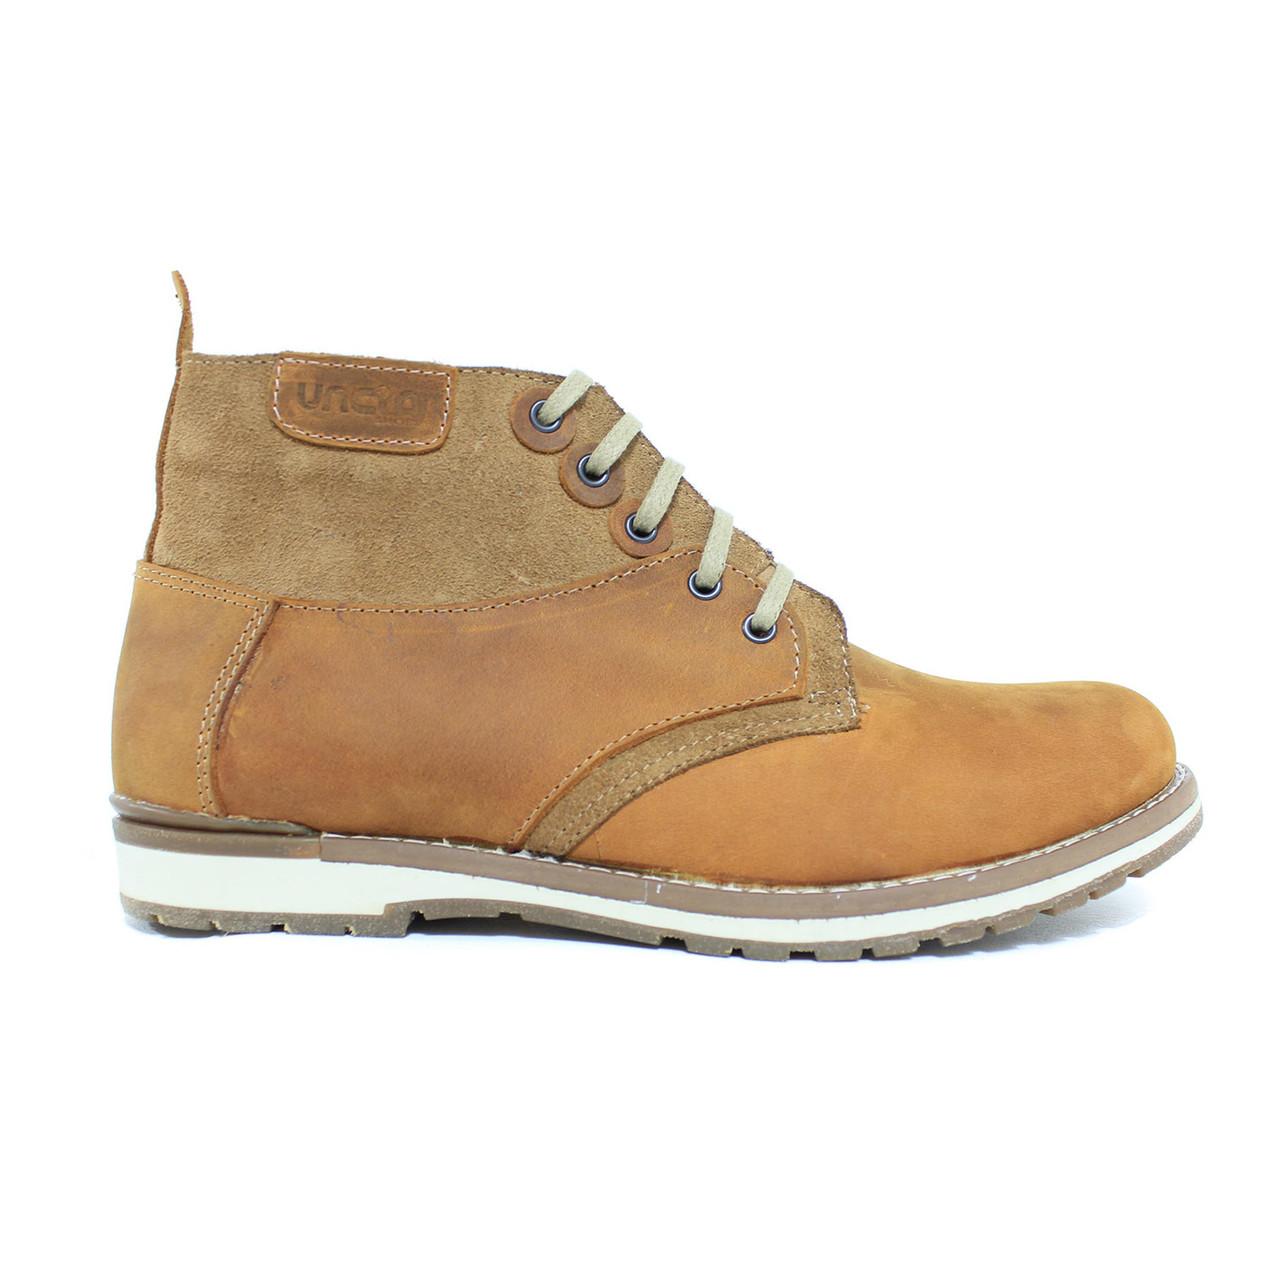 Мужские кожаные зимние ботинки на меху (шерсть) UNCIA SHOES - Интернет-магазин UNCIA в Чернигове